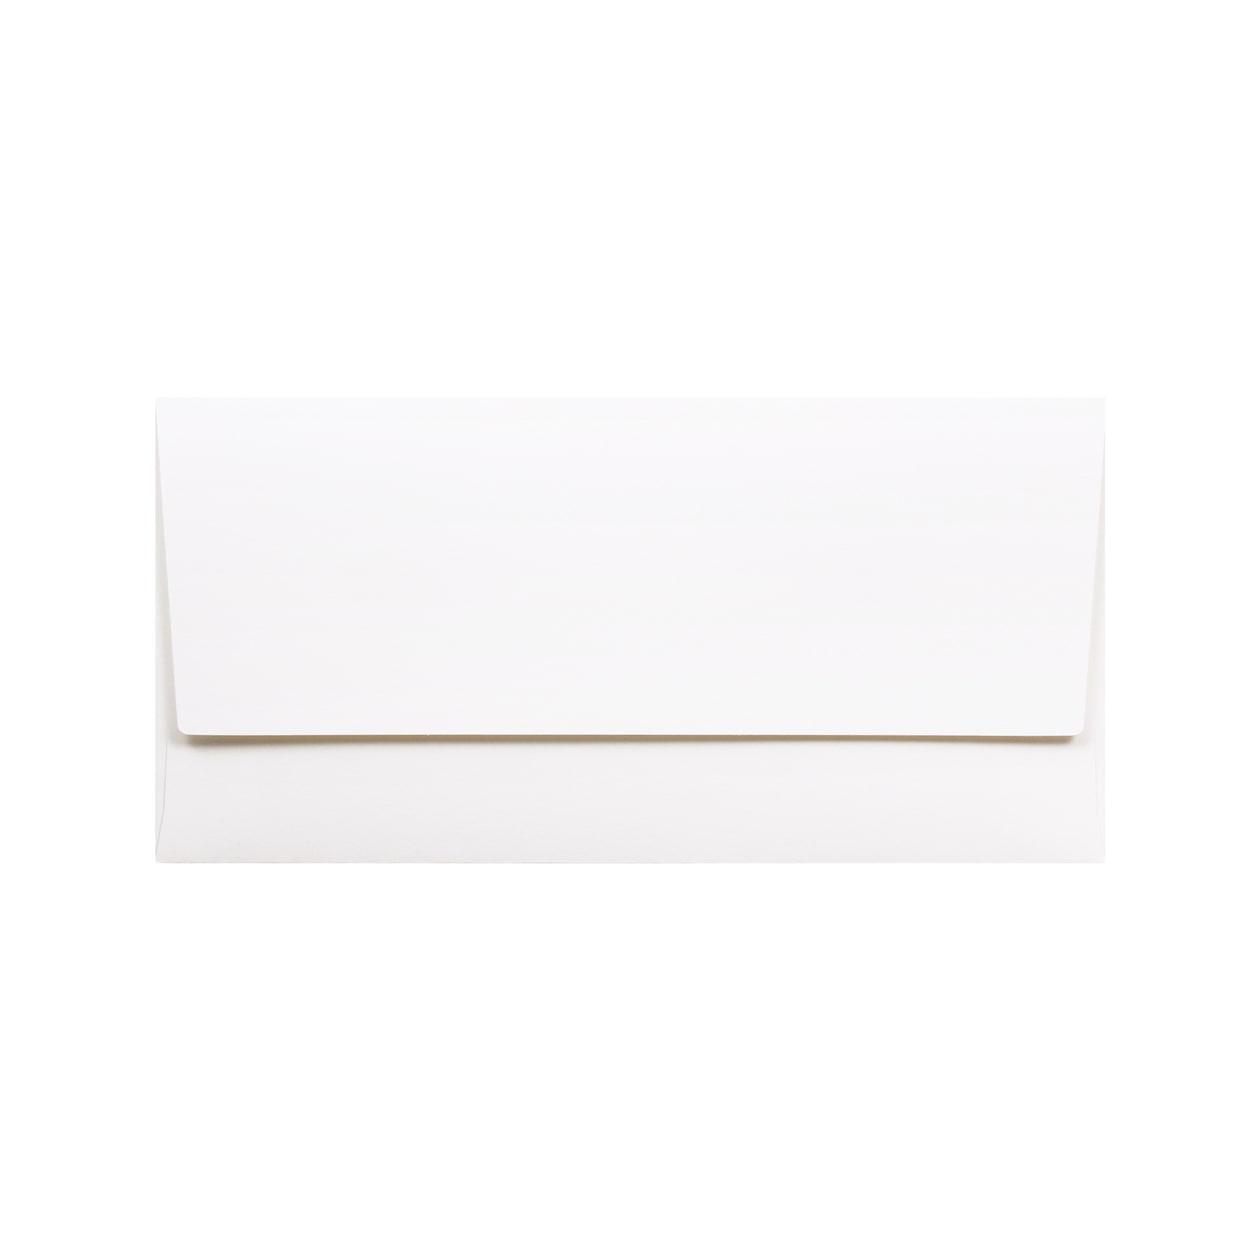 商品券袋 コットン スノーホワイト 139.5g